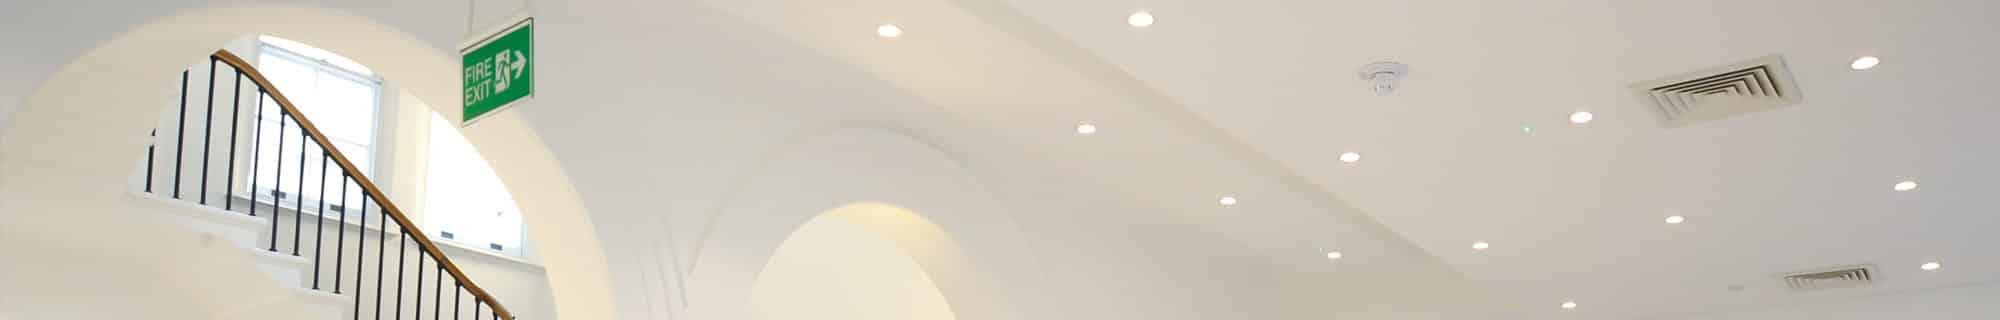 bespoke recessed emergency lighting